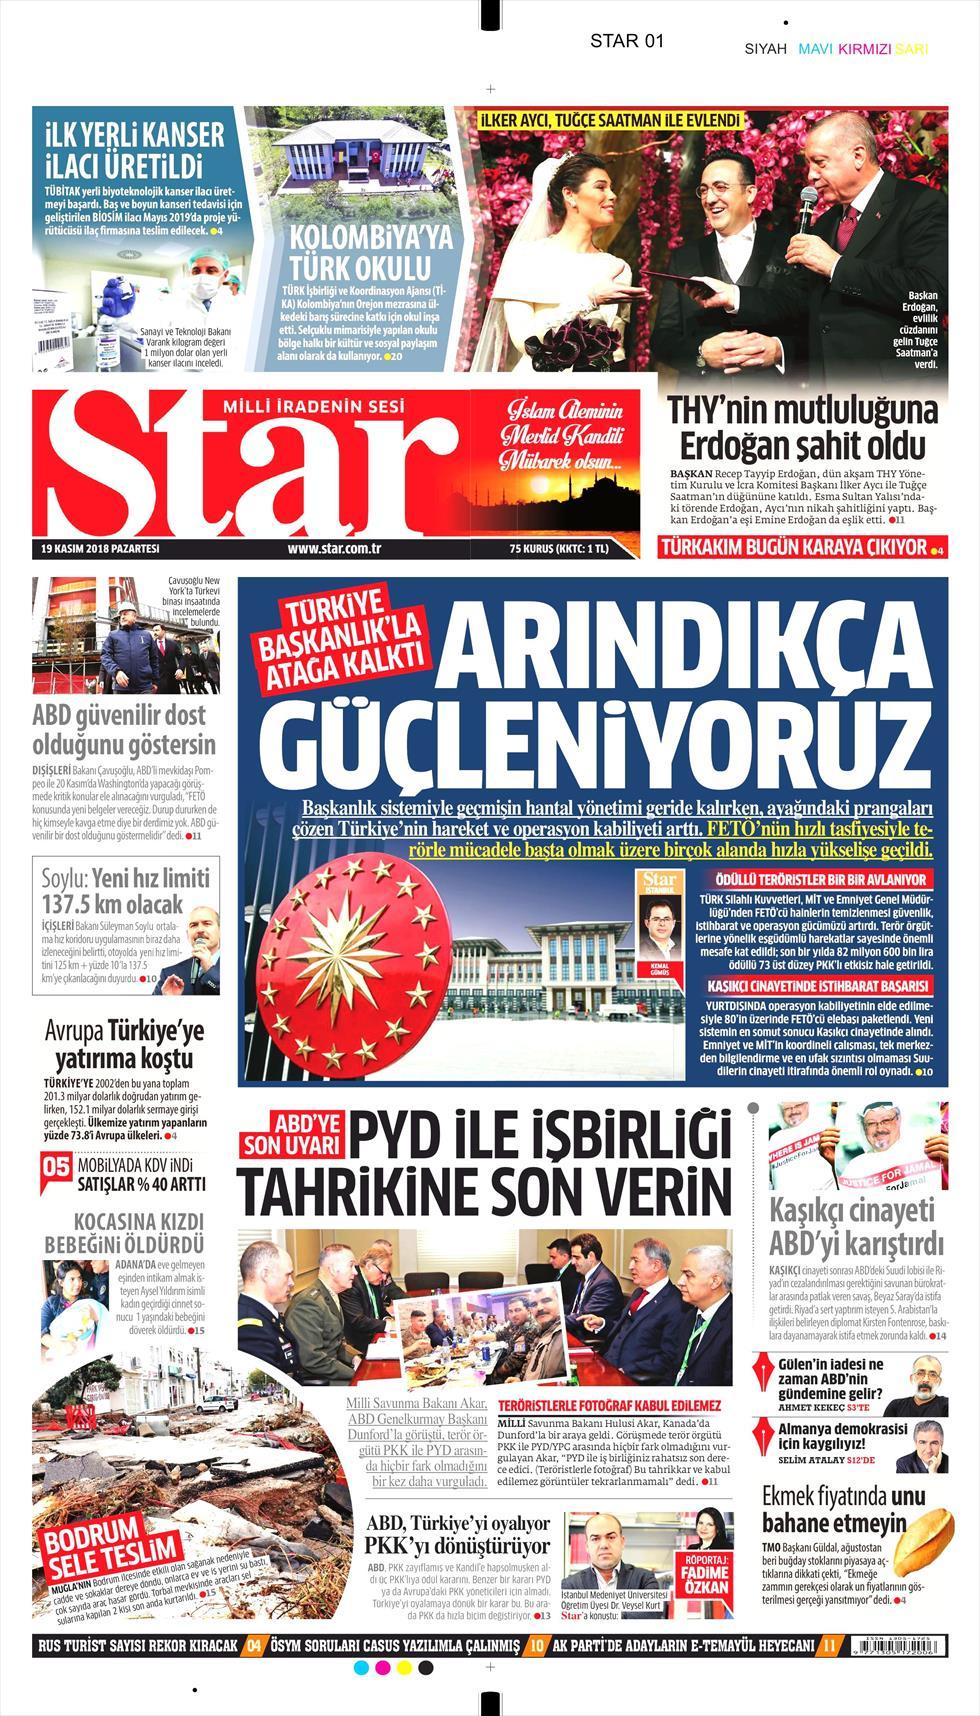 Star Gazetesi